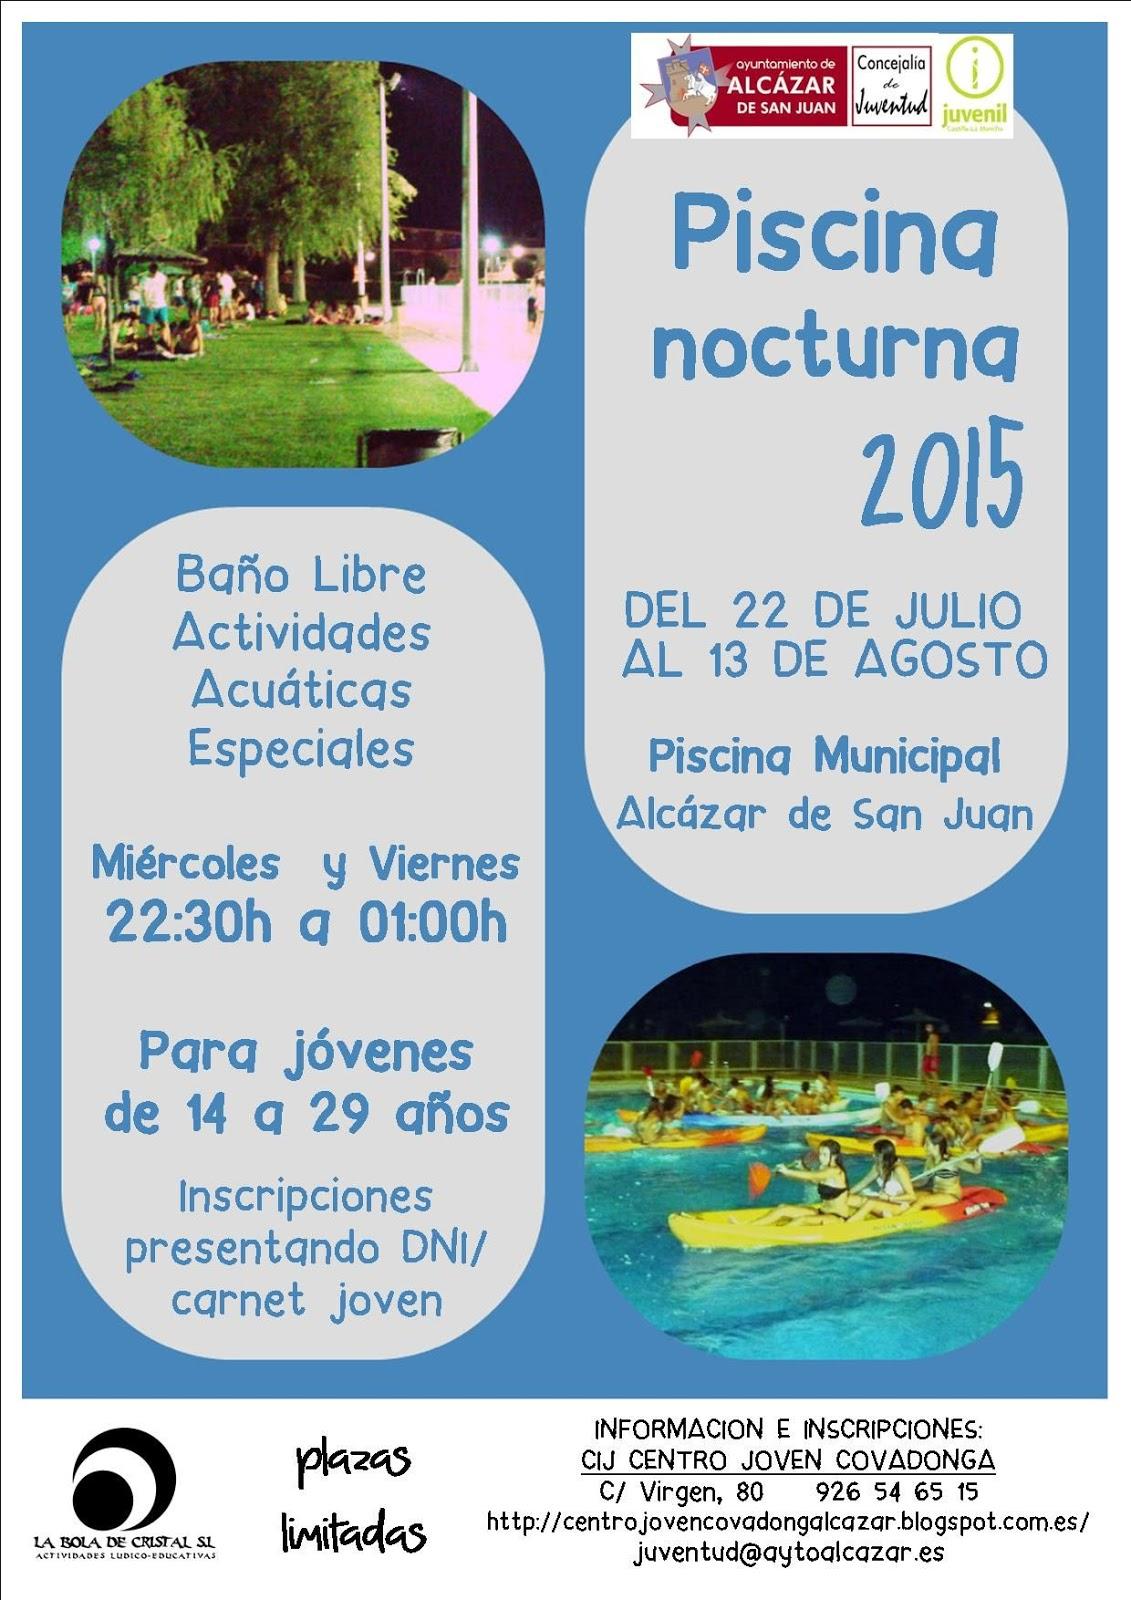 Piscina nocturna 2015 centro joven covadonga alcazar for Piscina alcazar de san juan